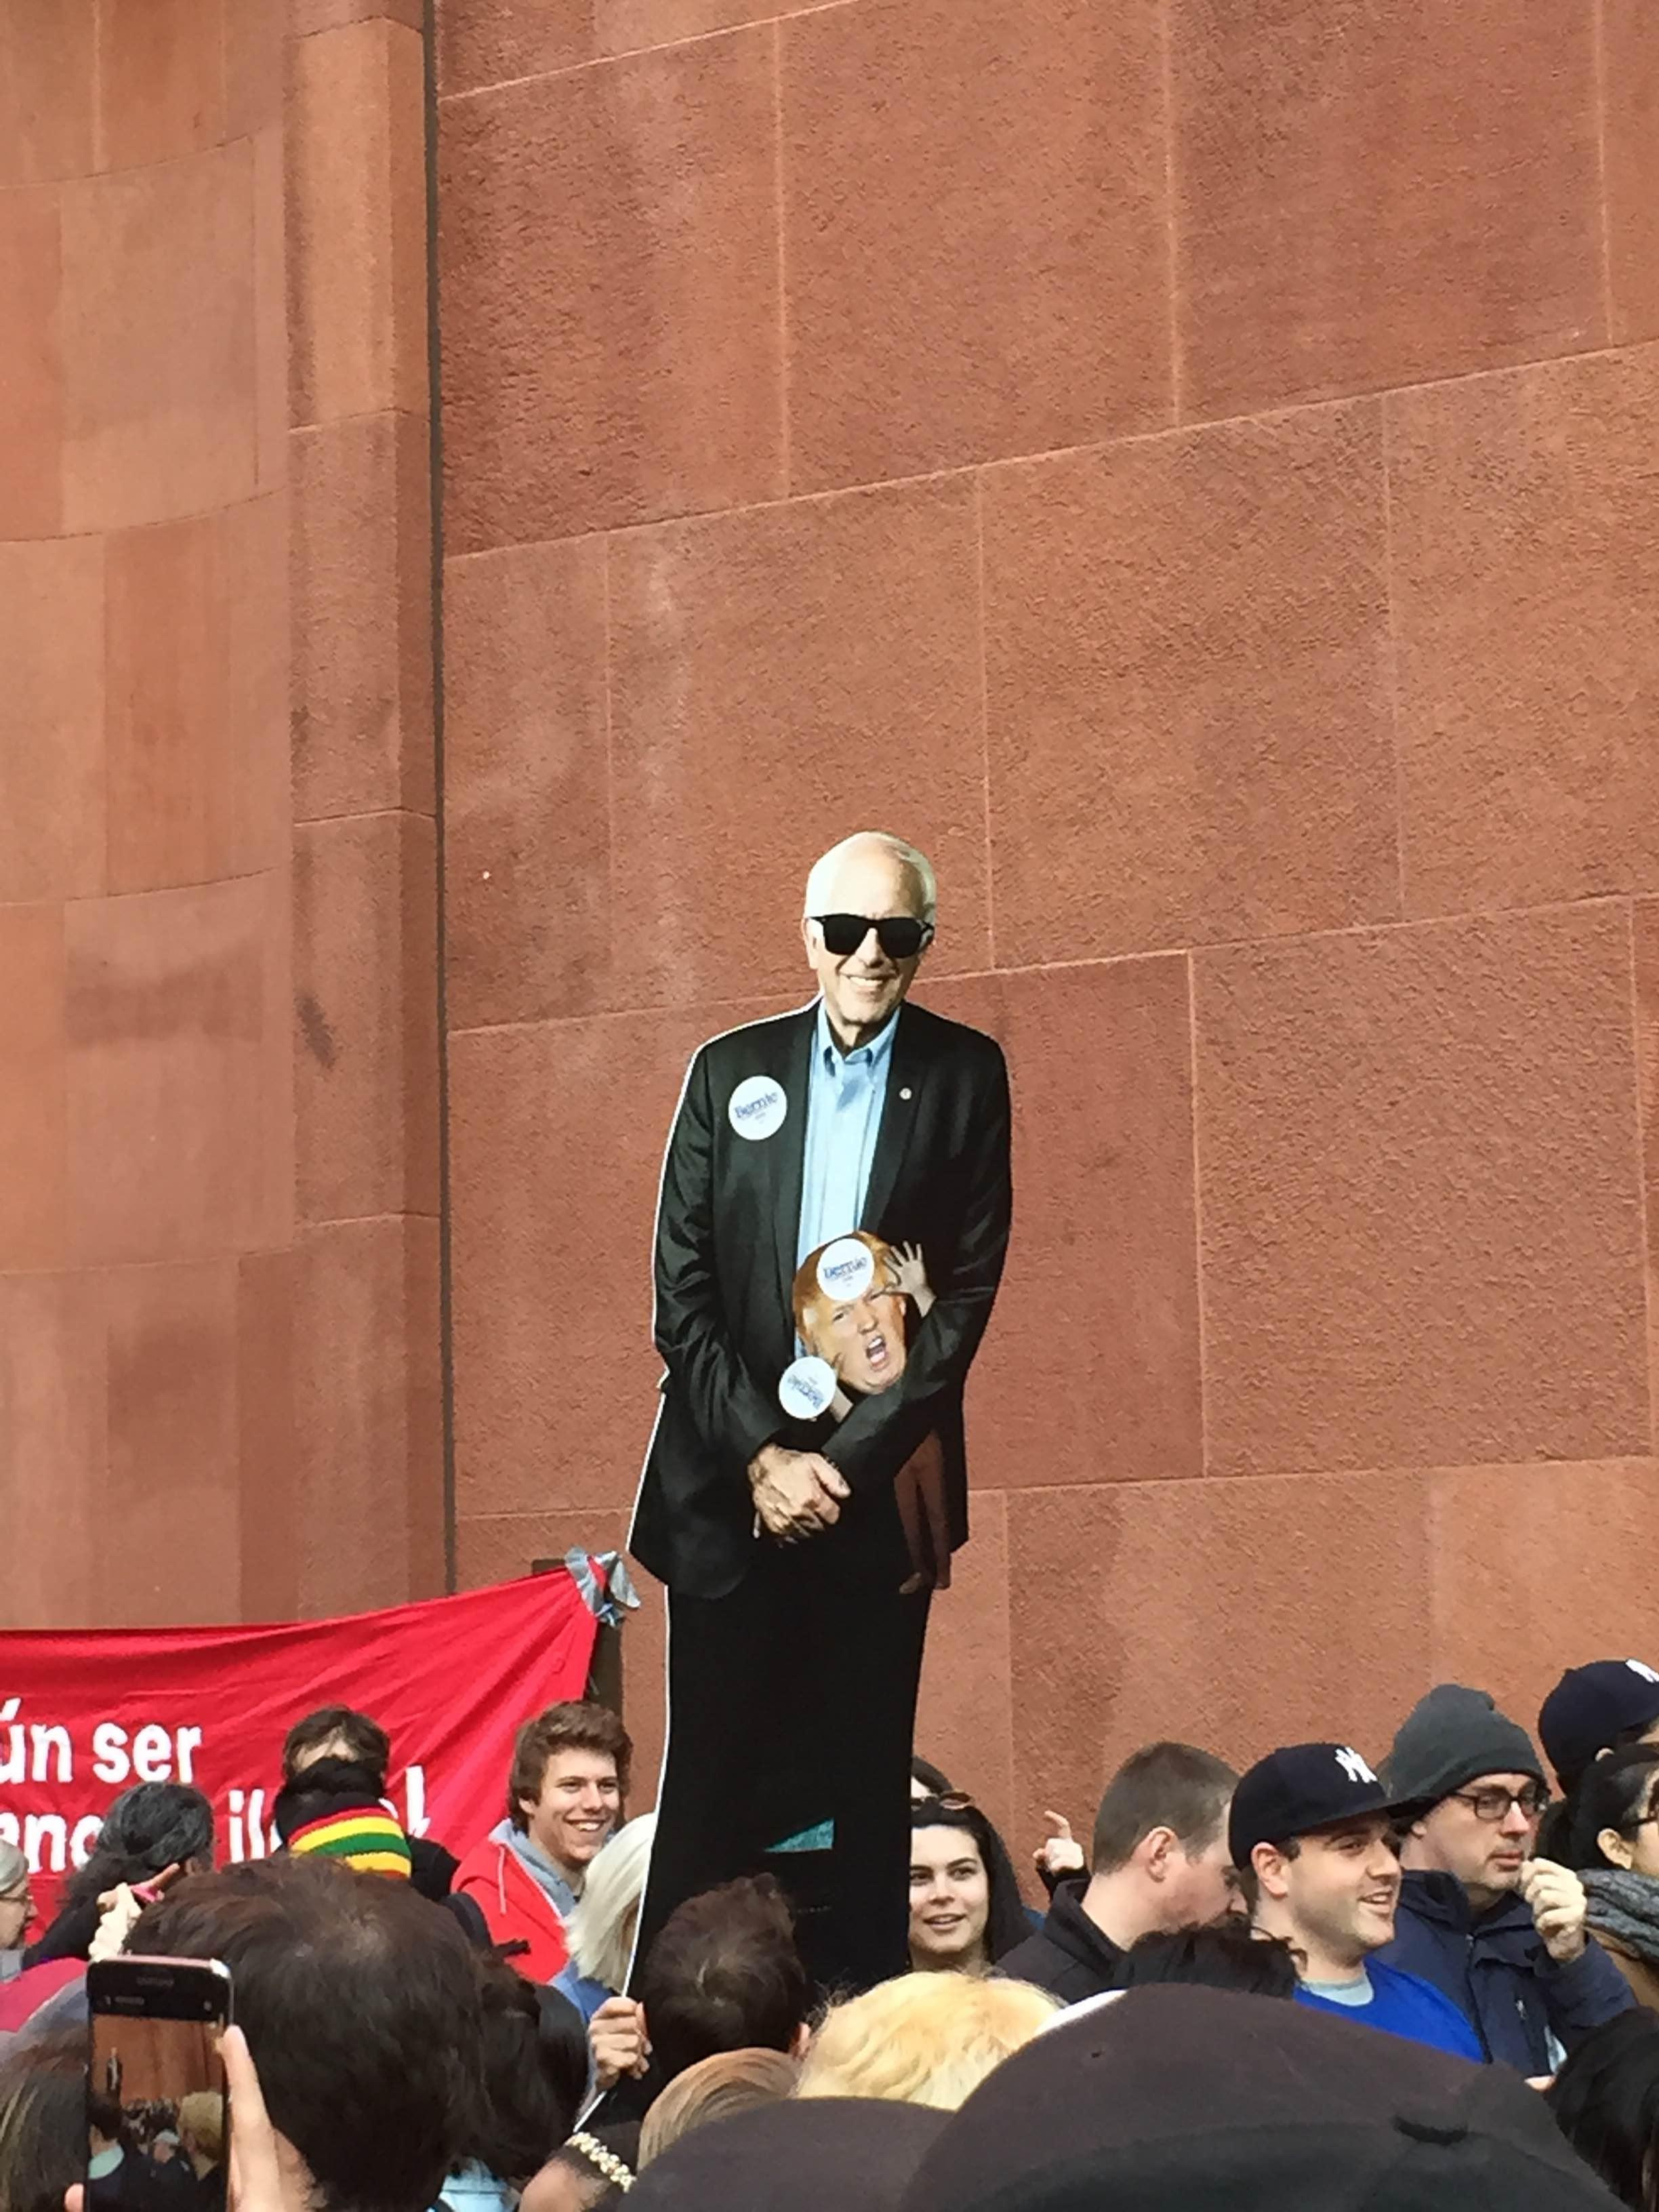 Monigote de Bernie Sanders en el mitin de Washington Square Park. Foto: Fernando Macillas.